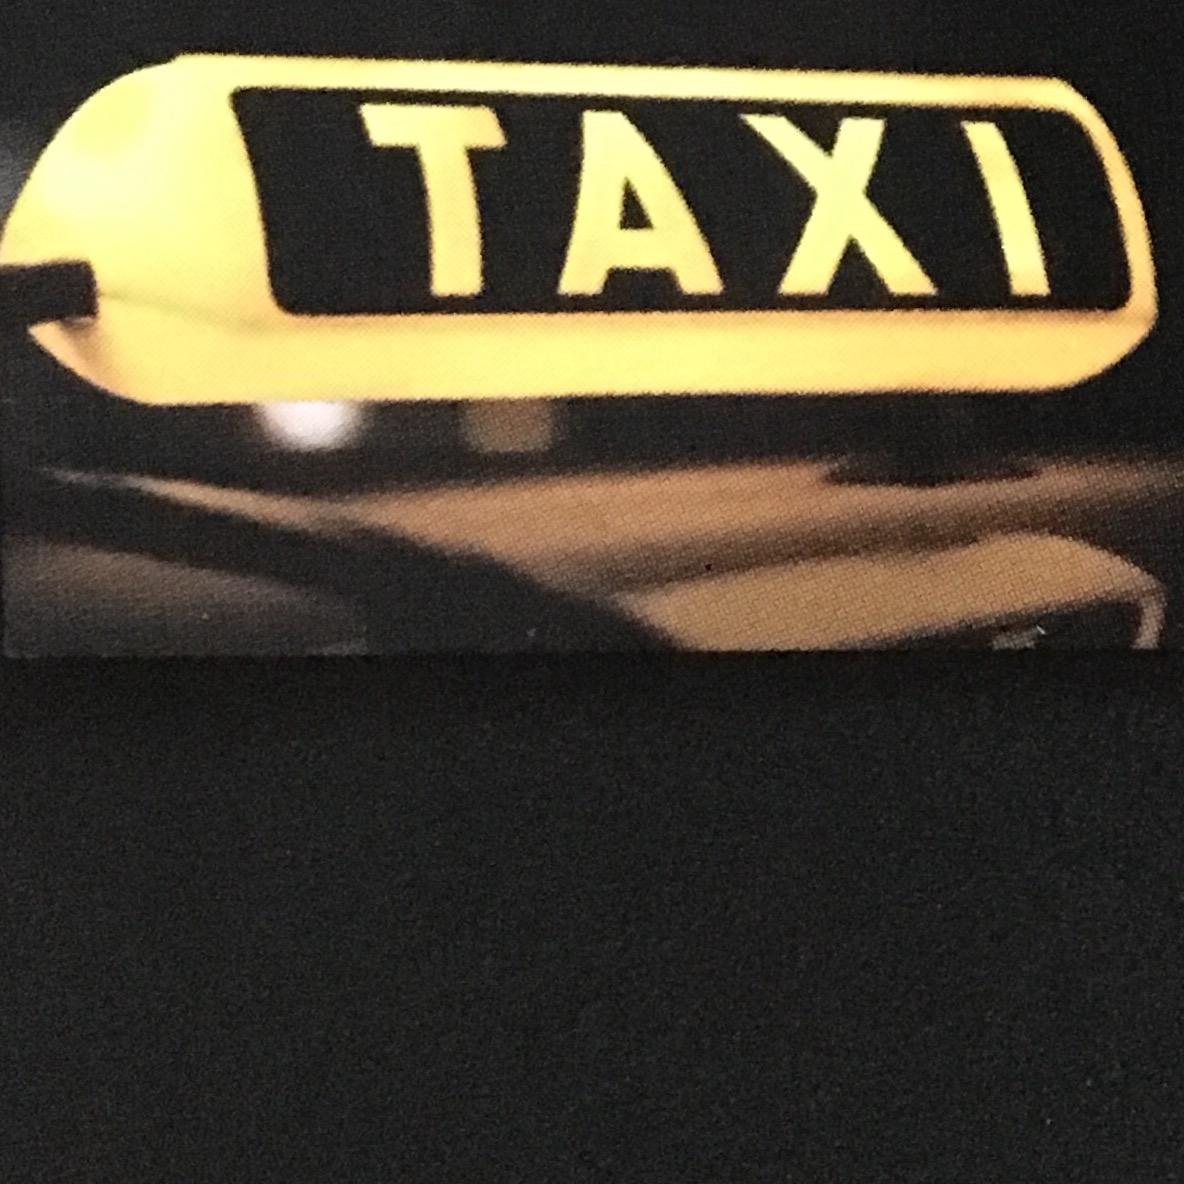 Atlantic Taxi LLC